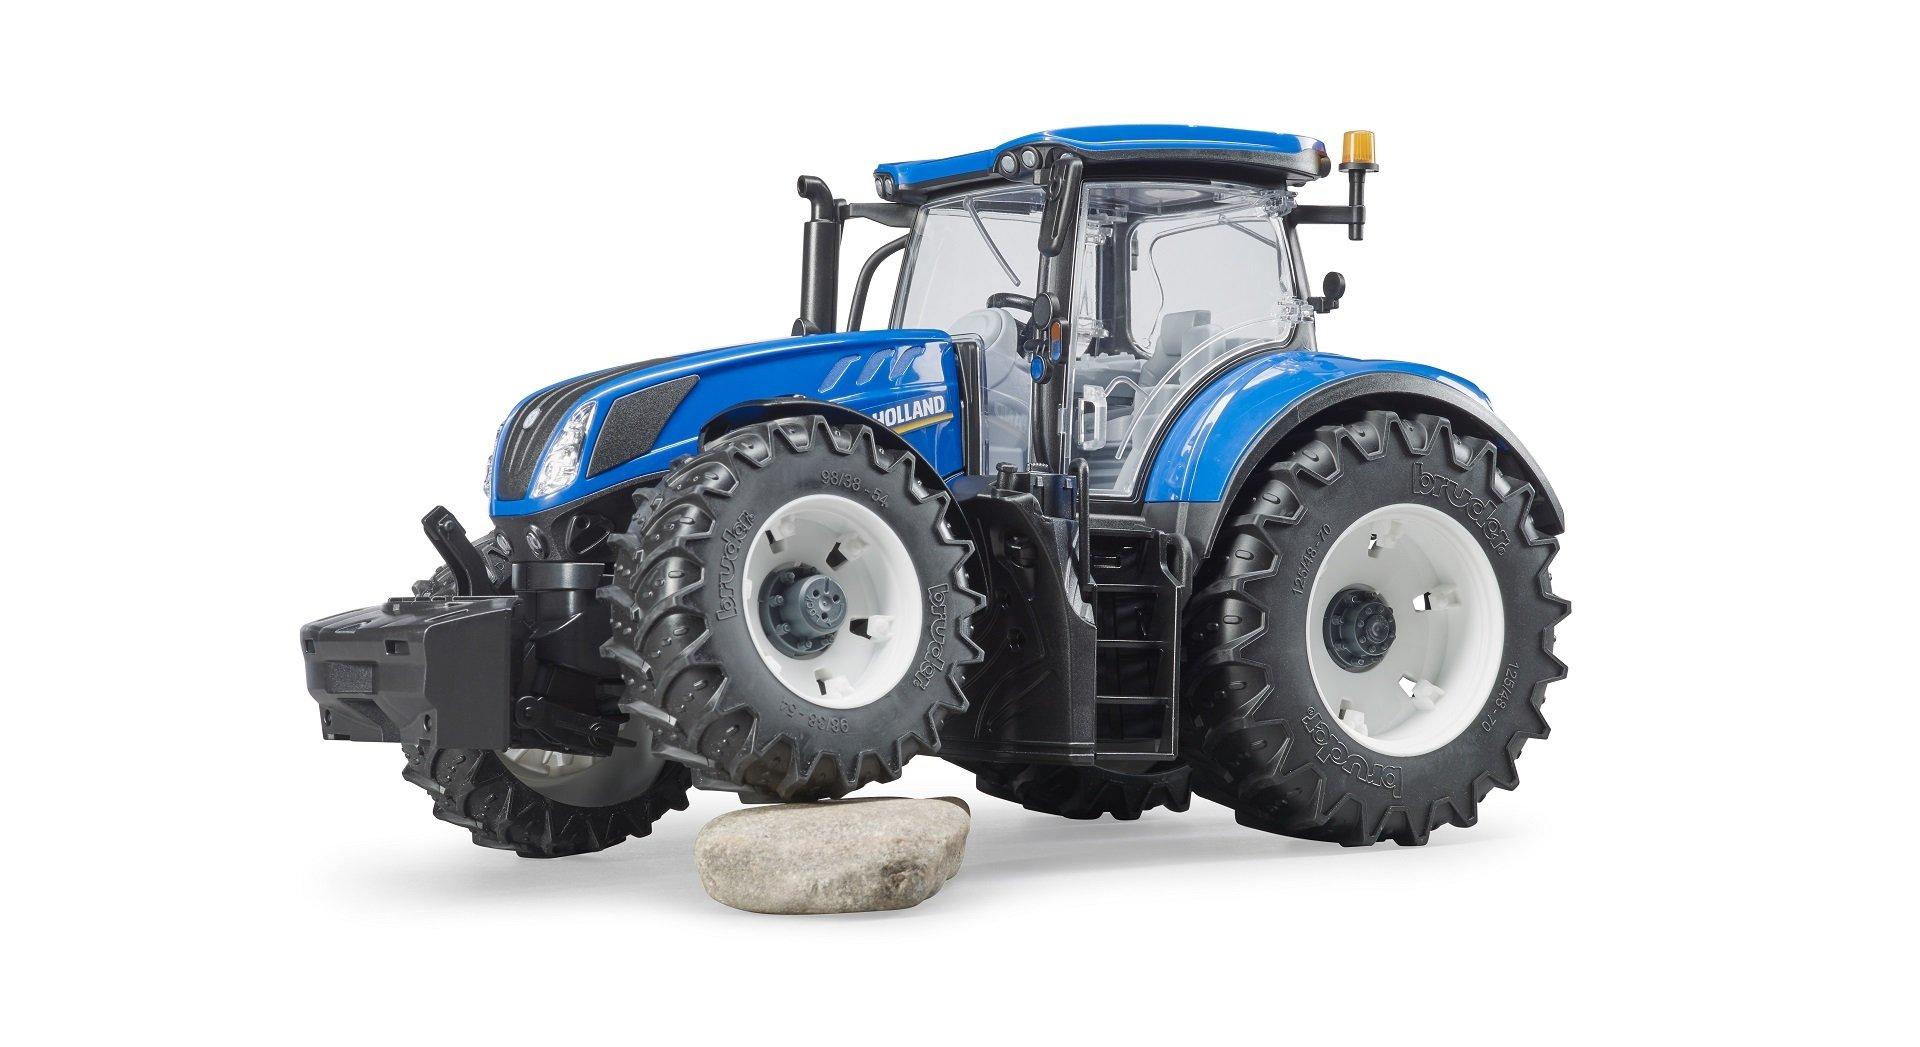 new holland bruder traktor bruder new holland. Black Bedroom Furniture Sets. Home Design Ideas